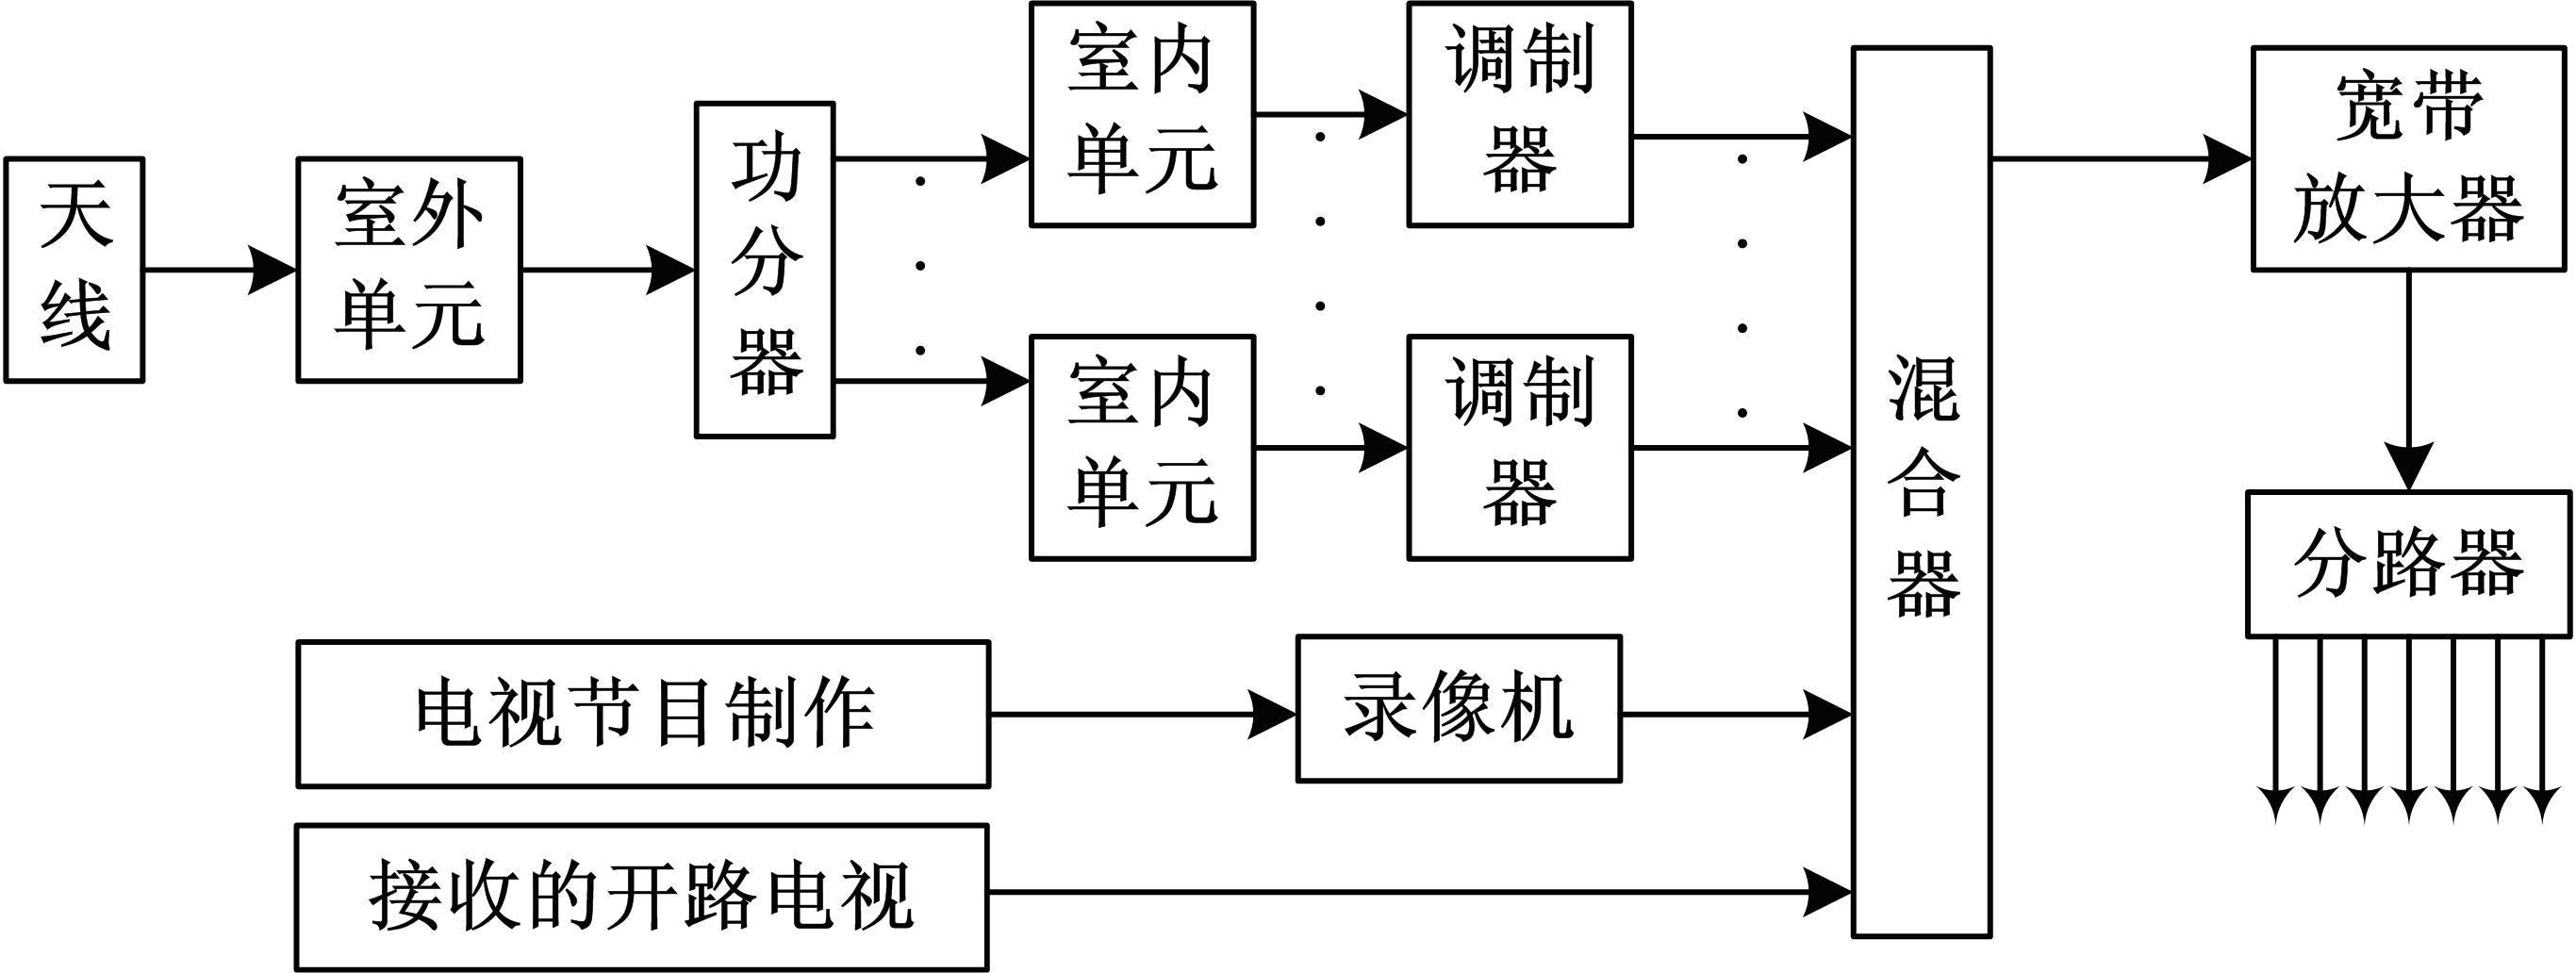 耀江丽景湾复式楼卫星电视及安防监控工程